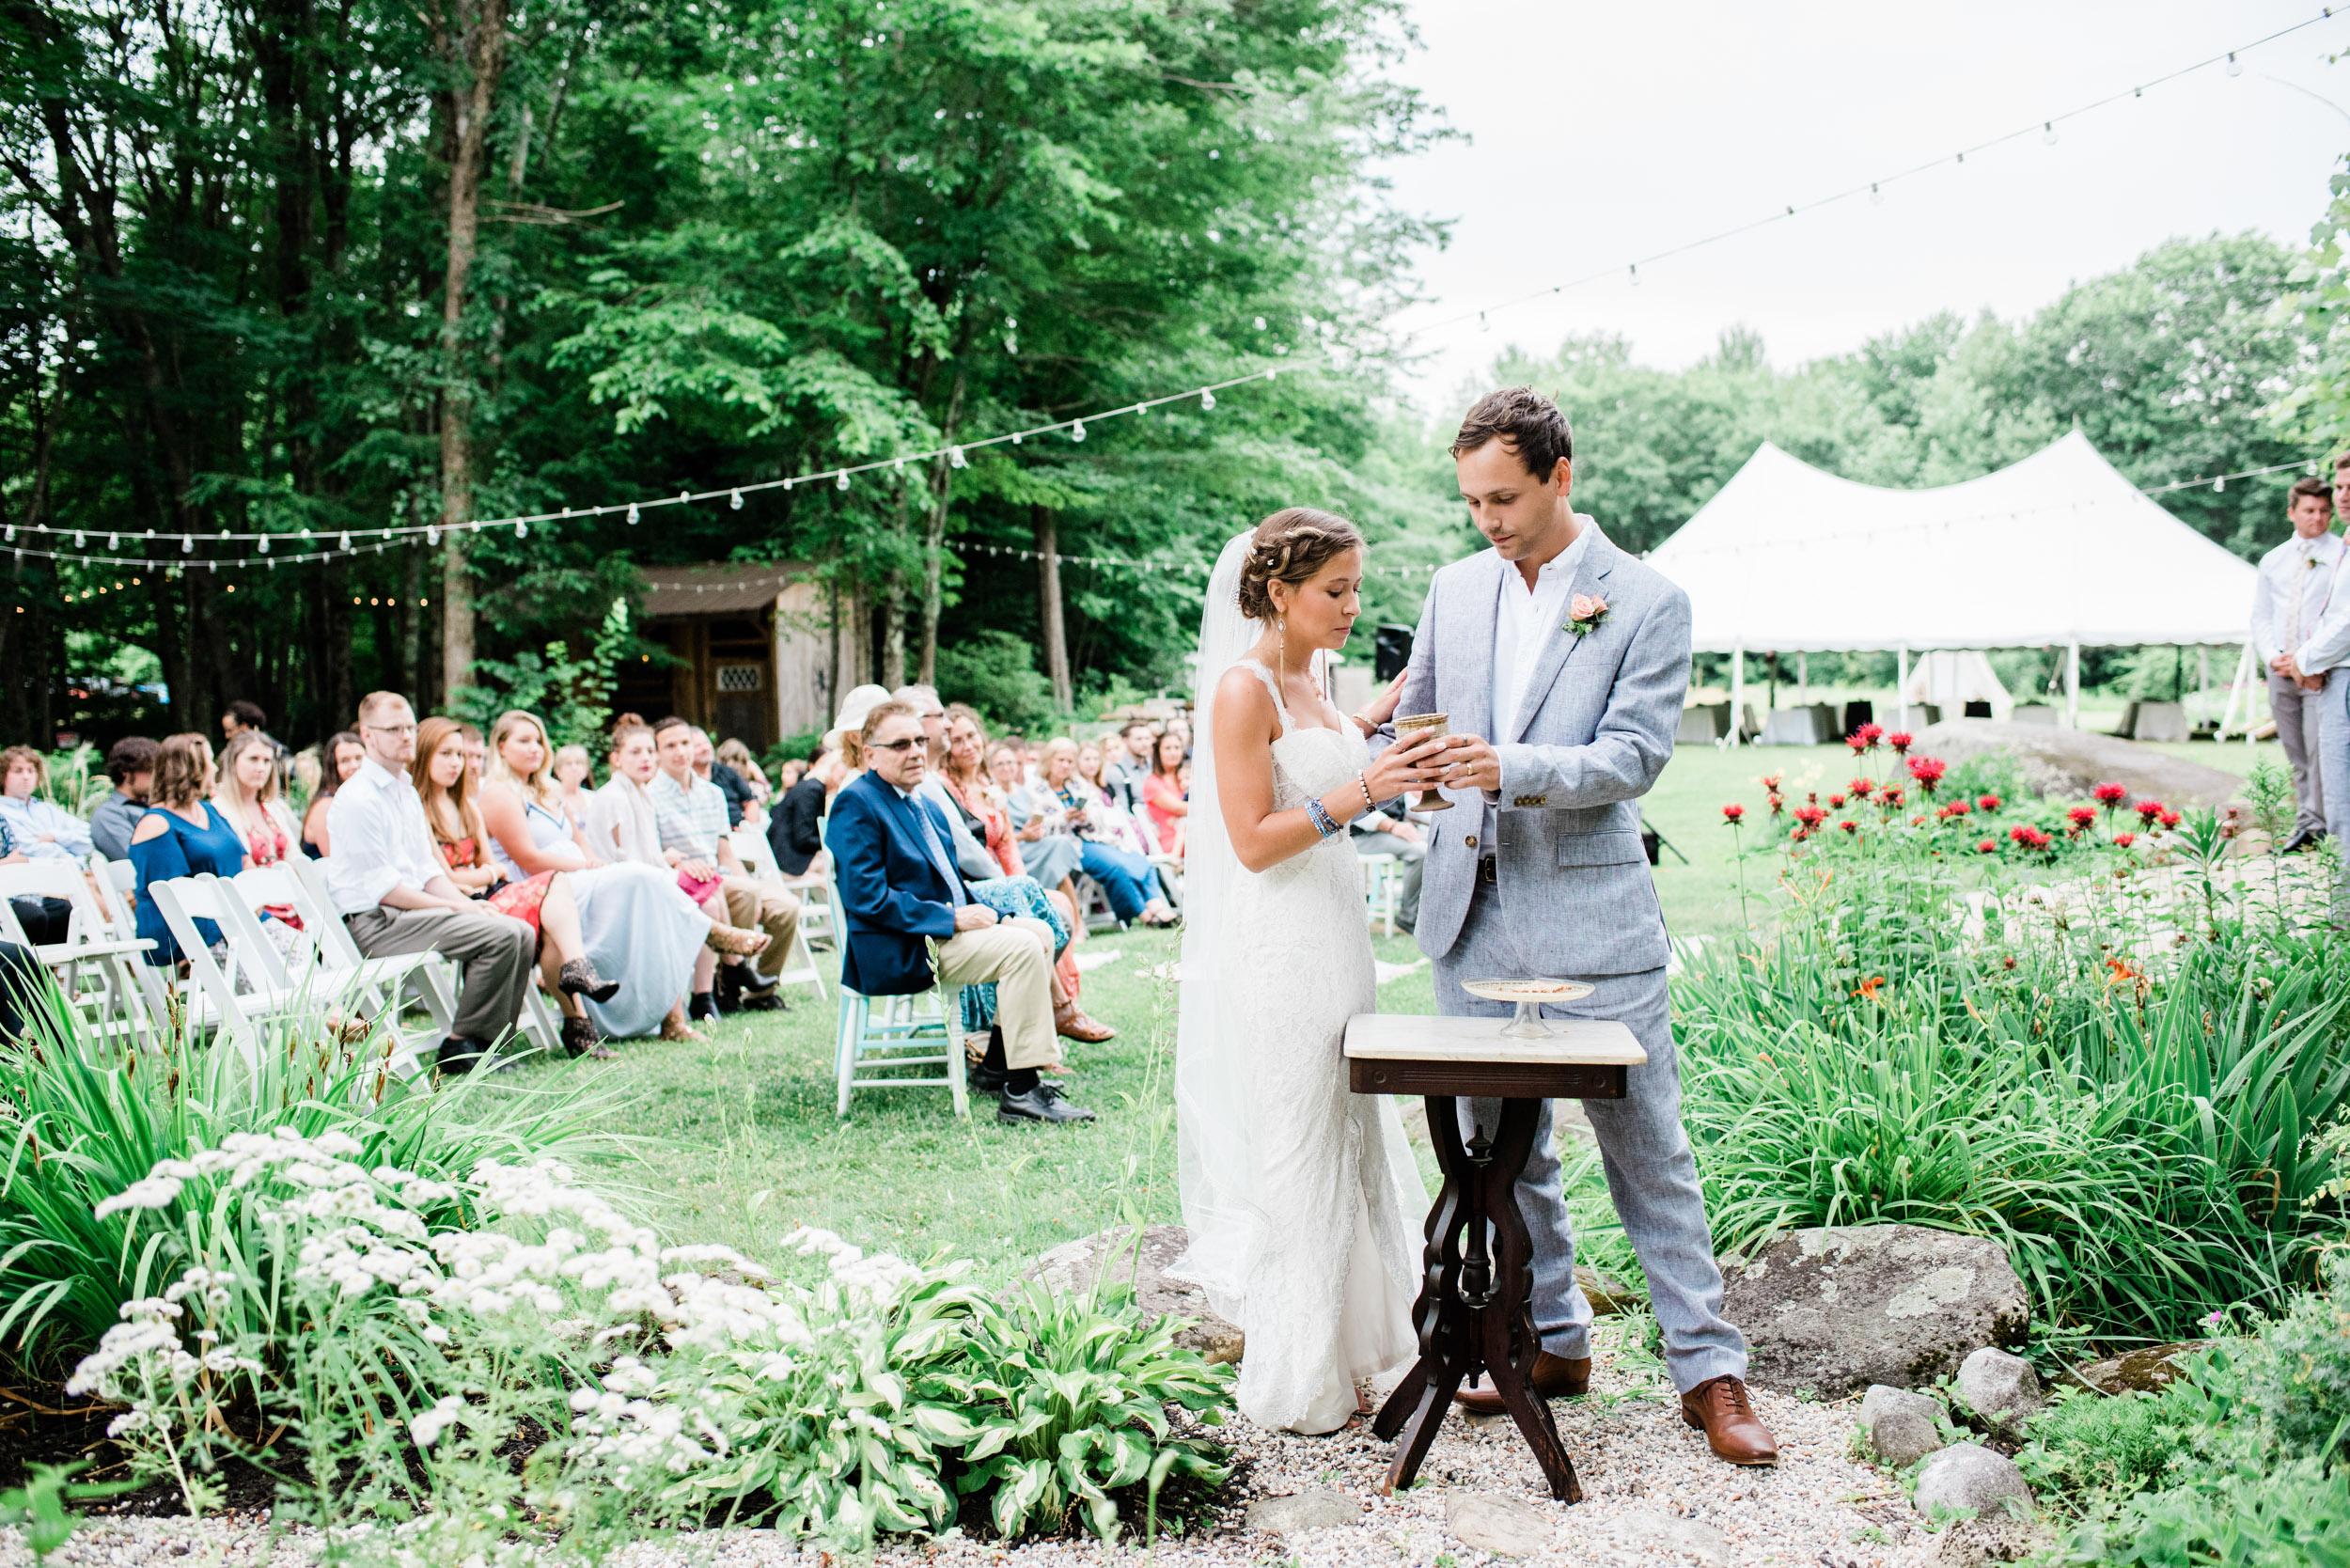 Outdoor Wedding Ceremonies in Western Mass